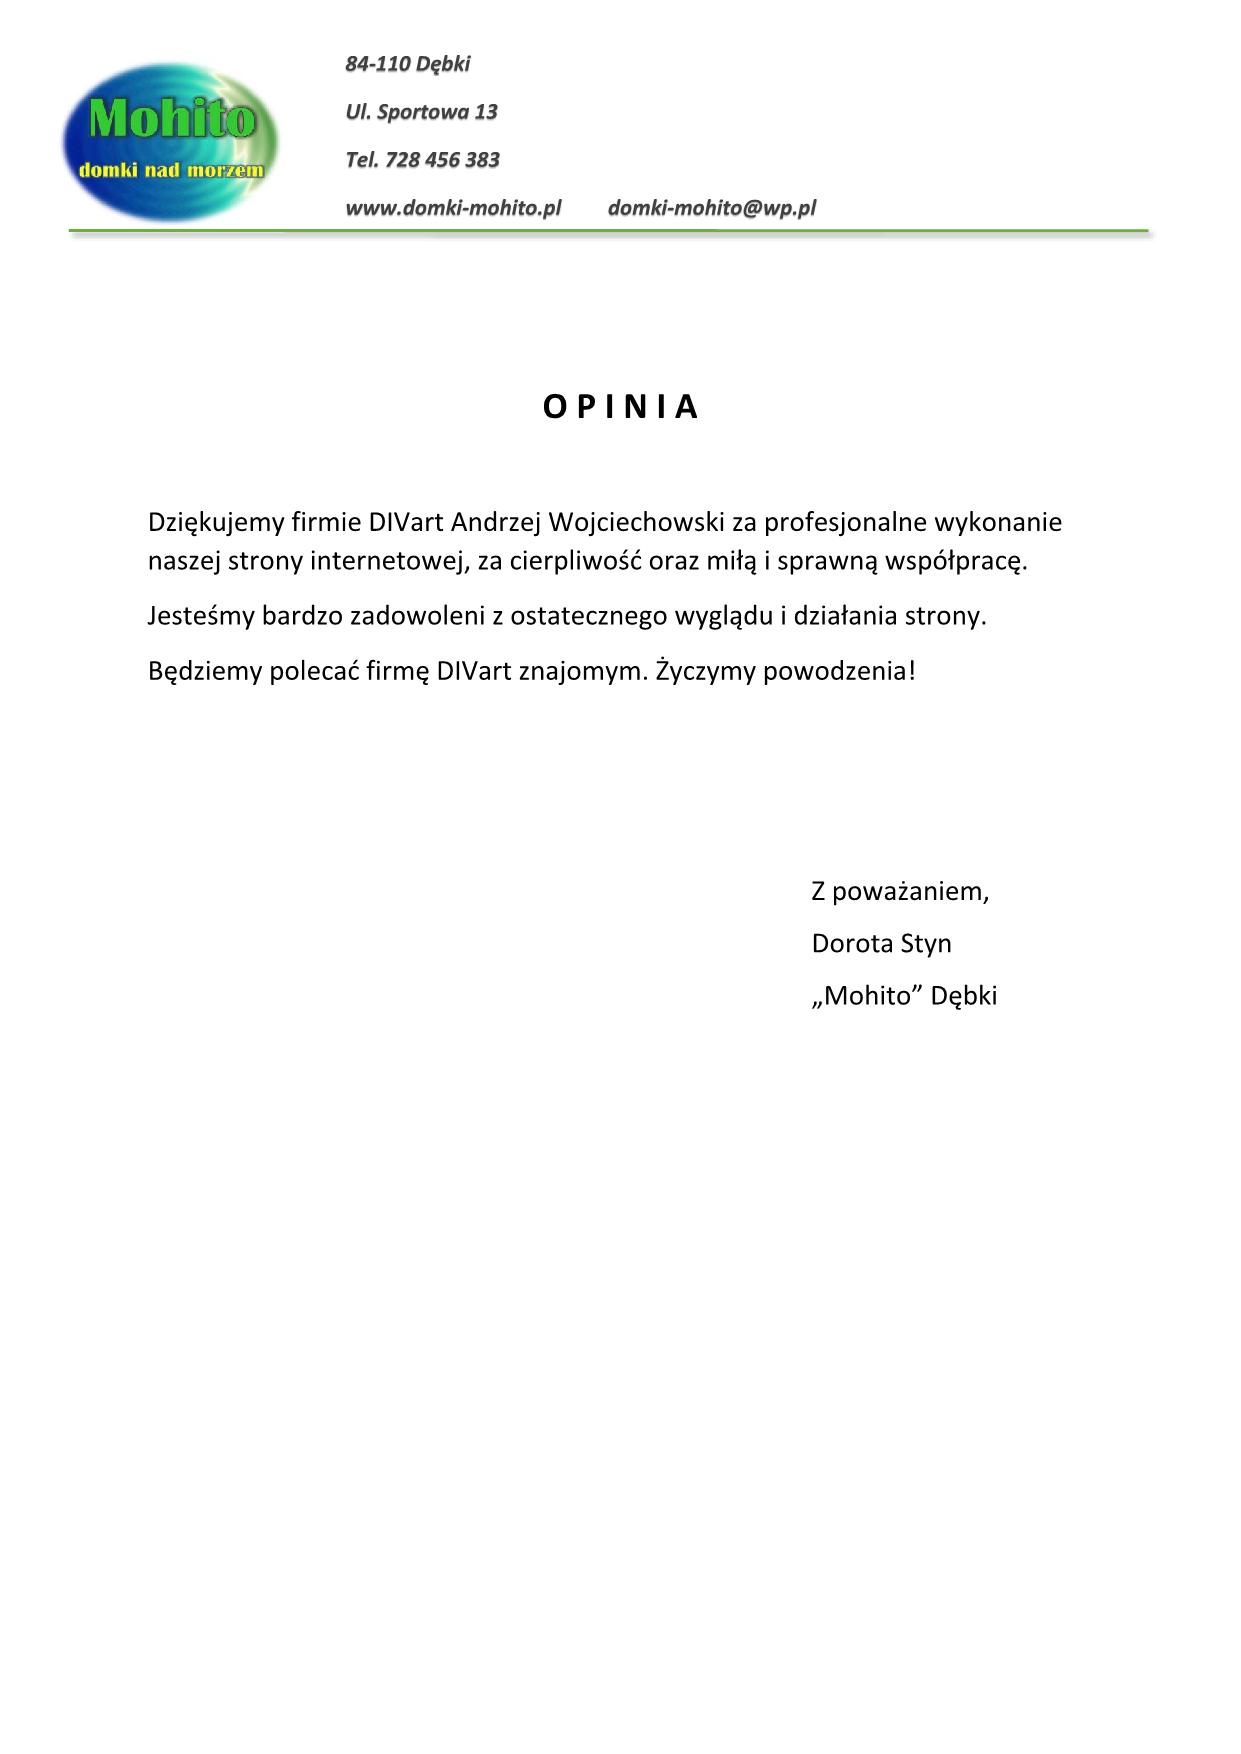 OPINIA - Mohito w Dębkach – Komfortowe domki nad morzem!